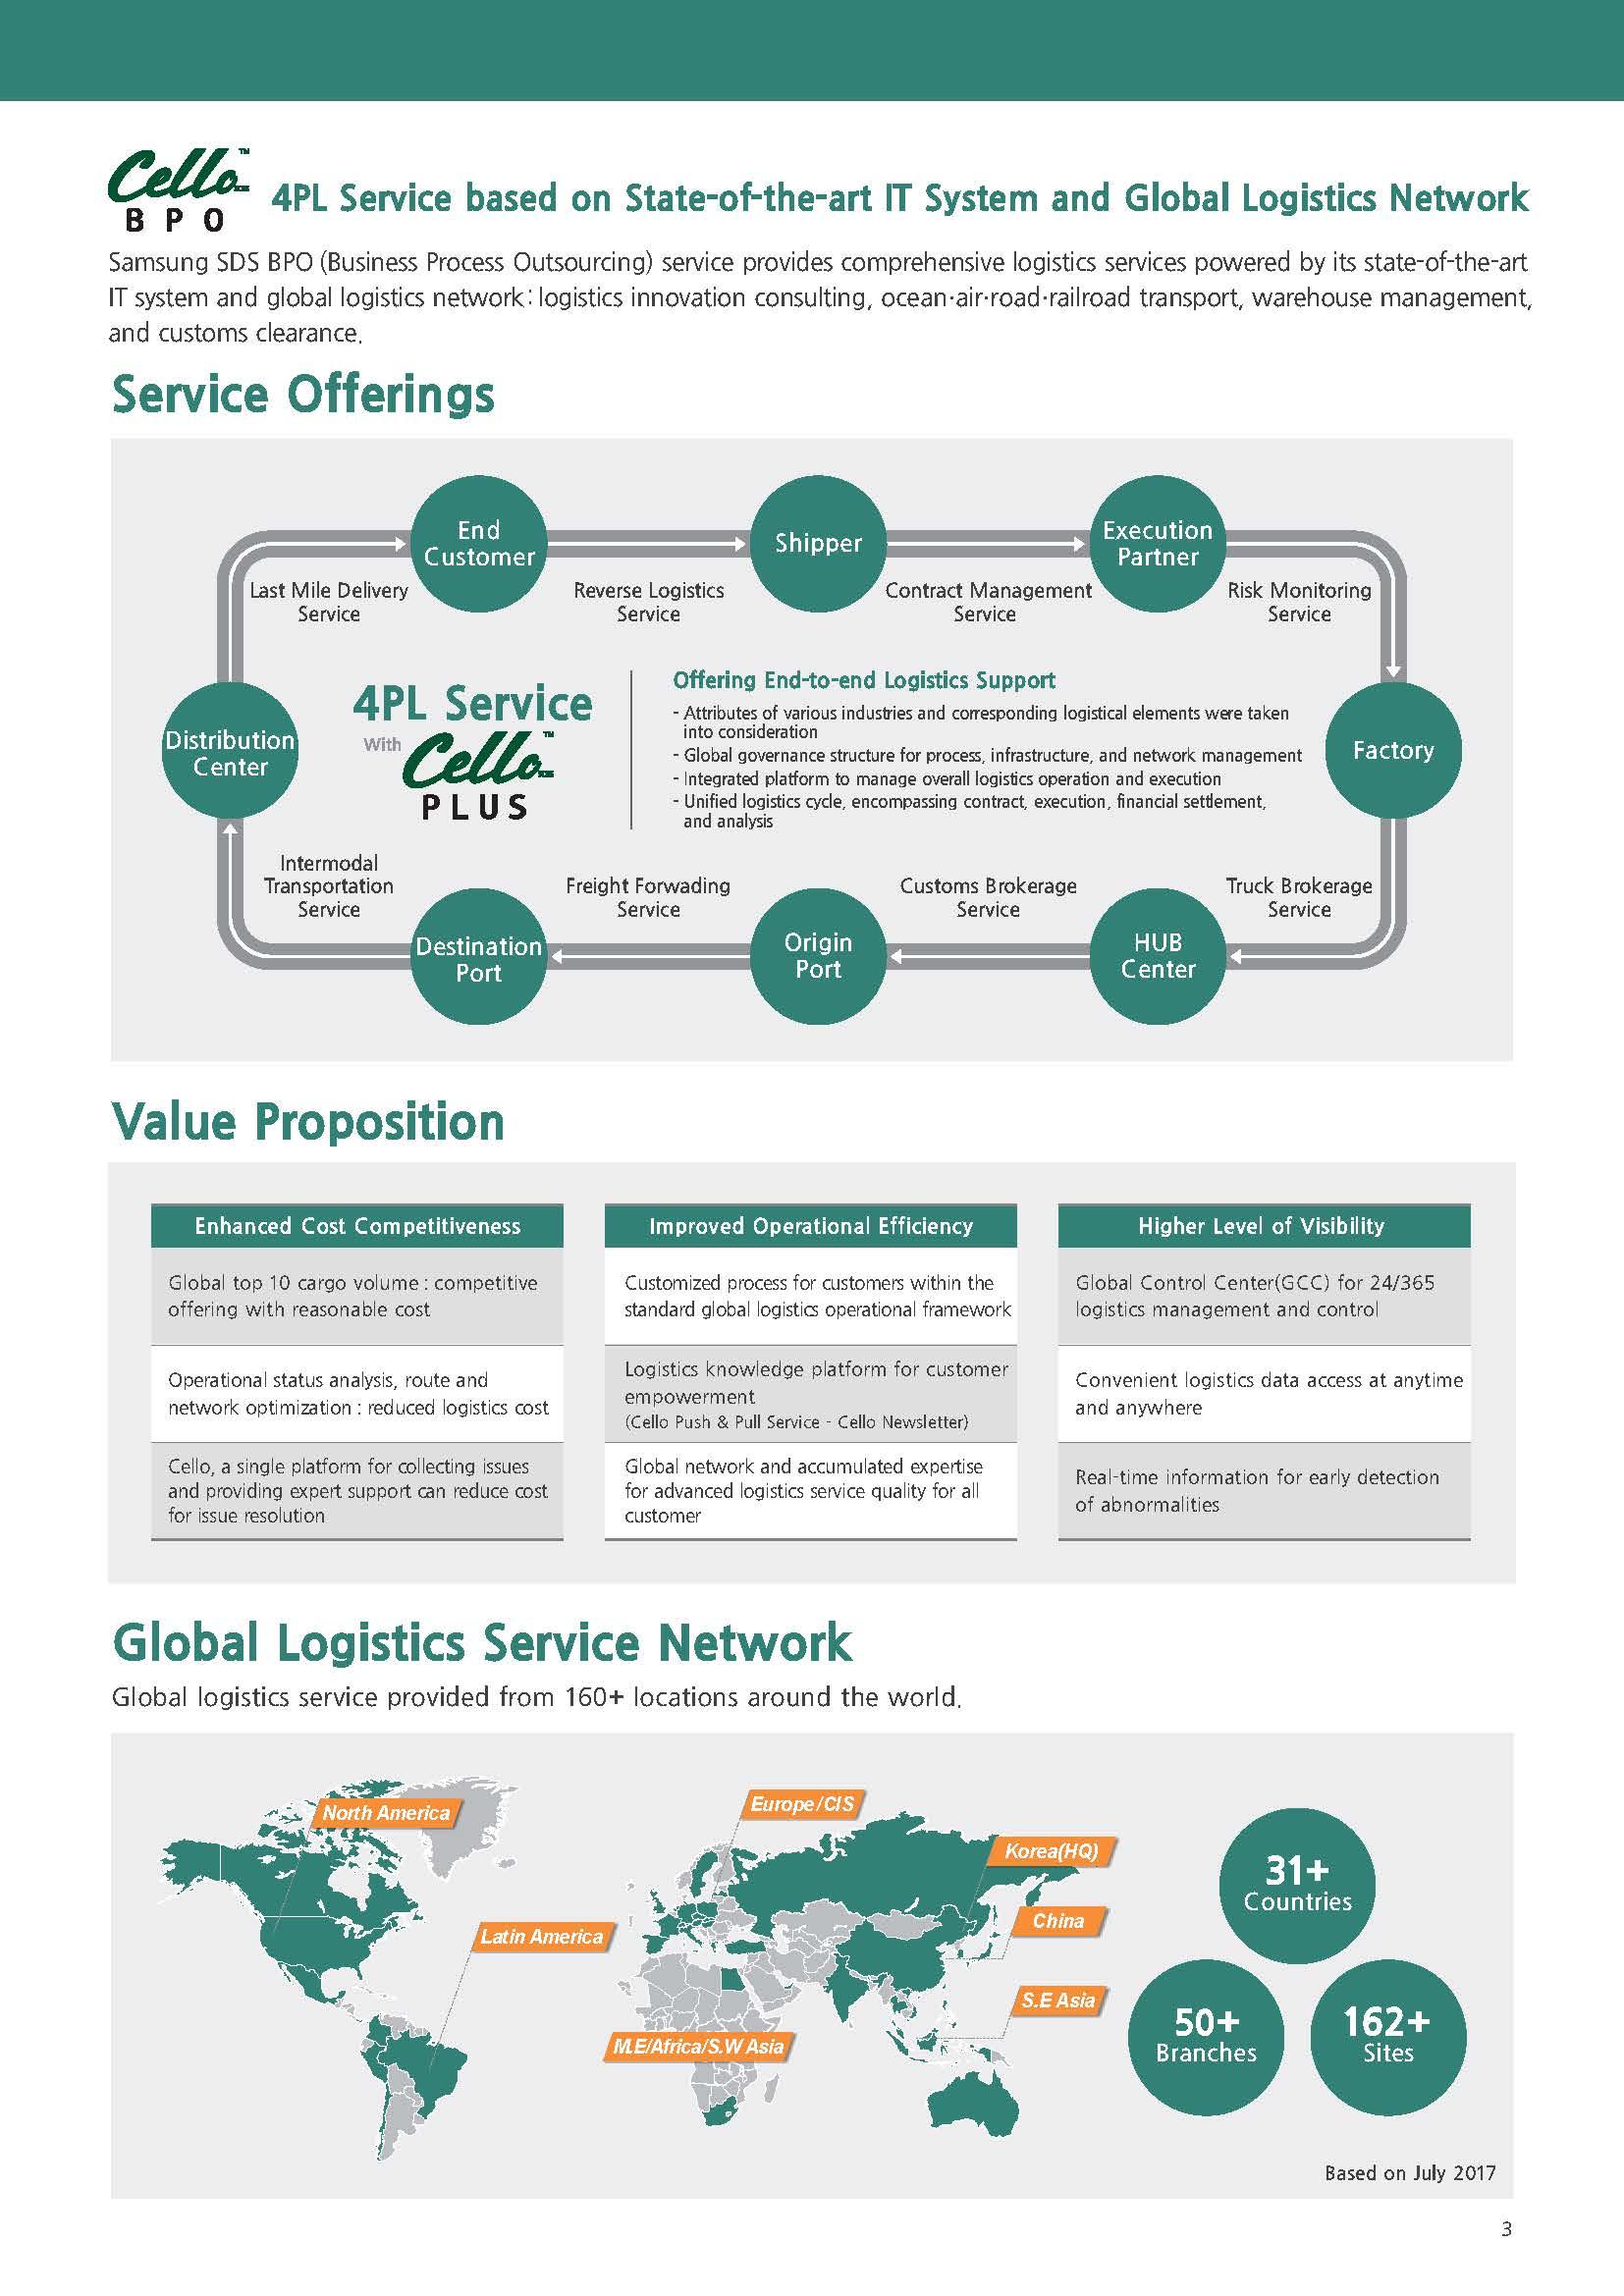 Cello BPO, comprehensive logistics service